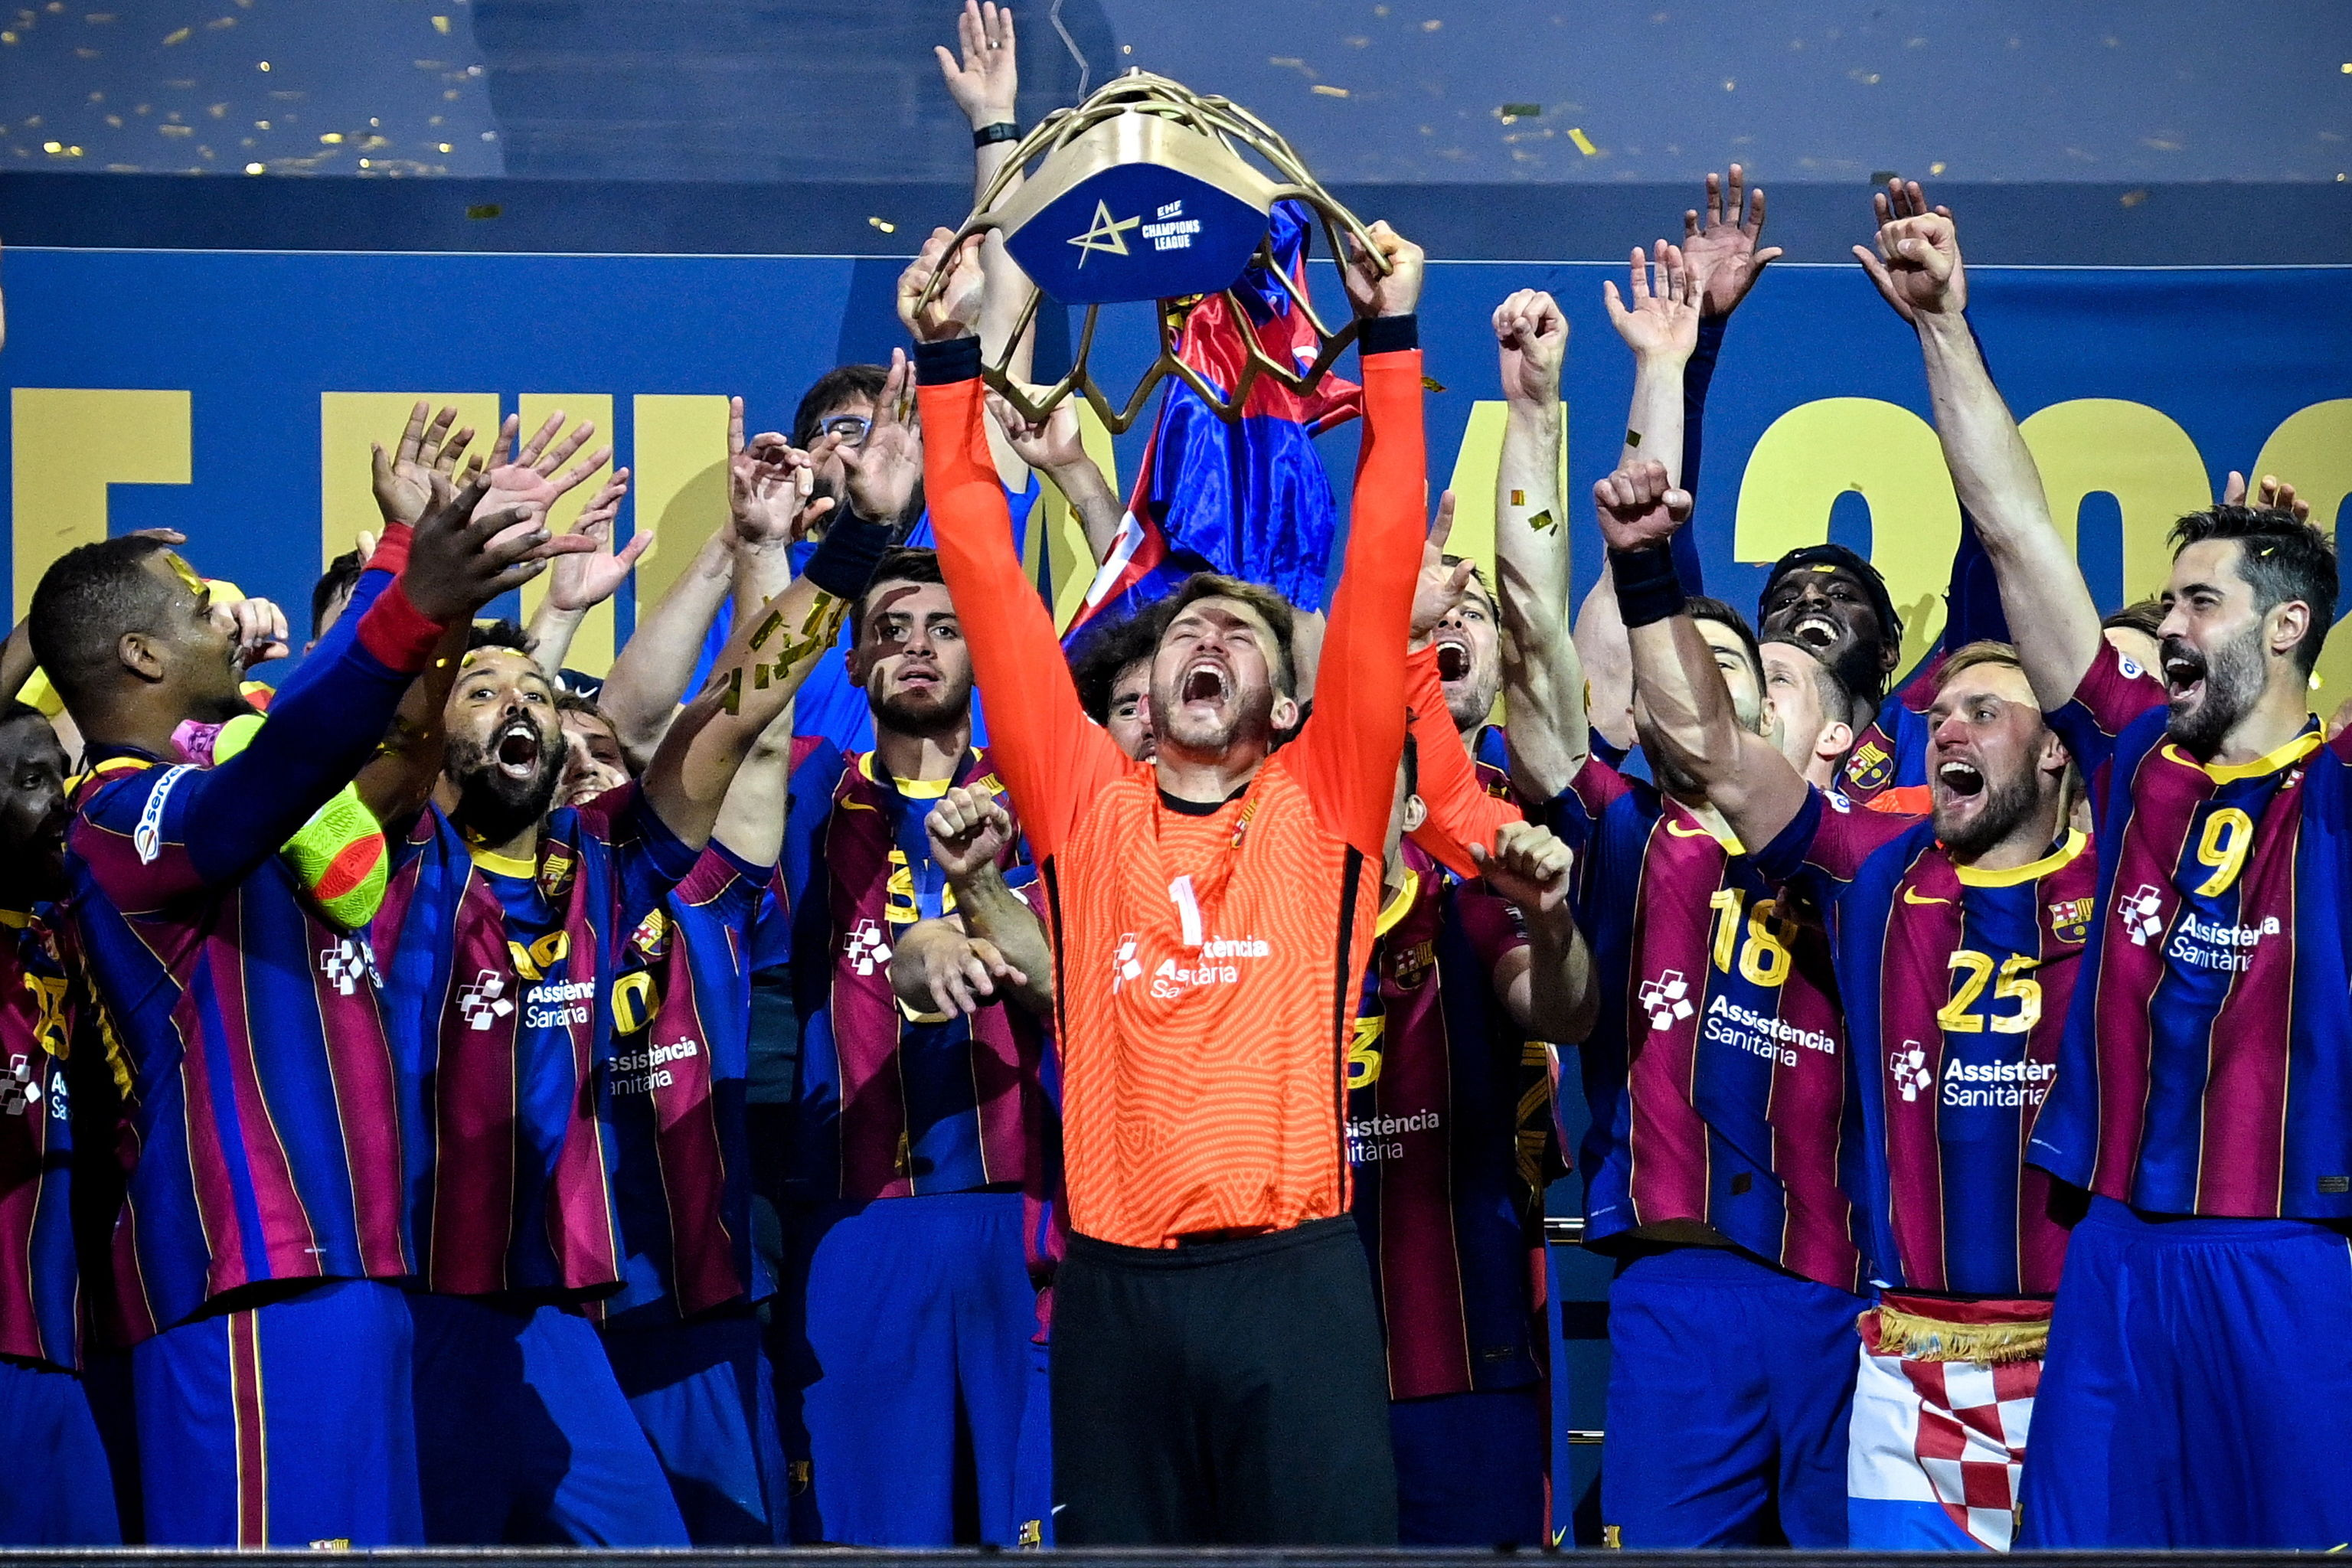 Pérez de Vargas alza el trofeo de la Champions en Colonia.